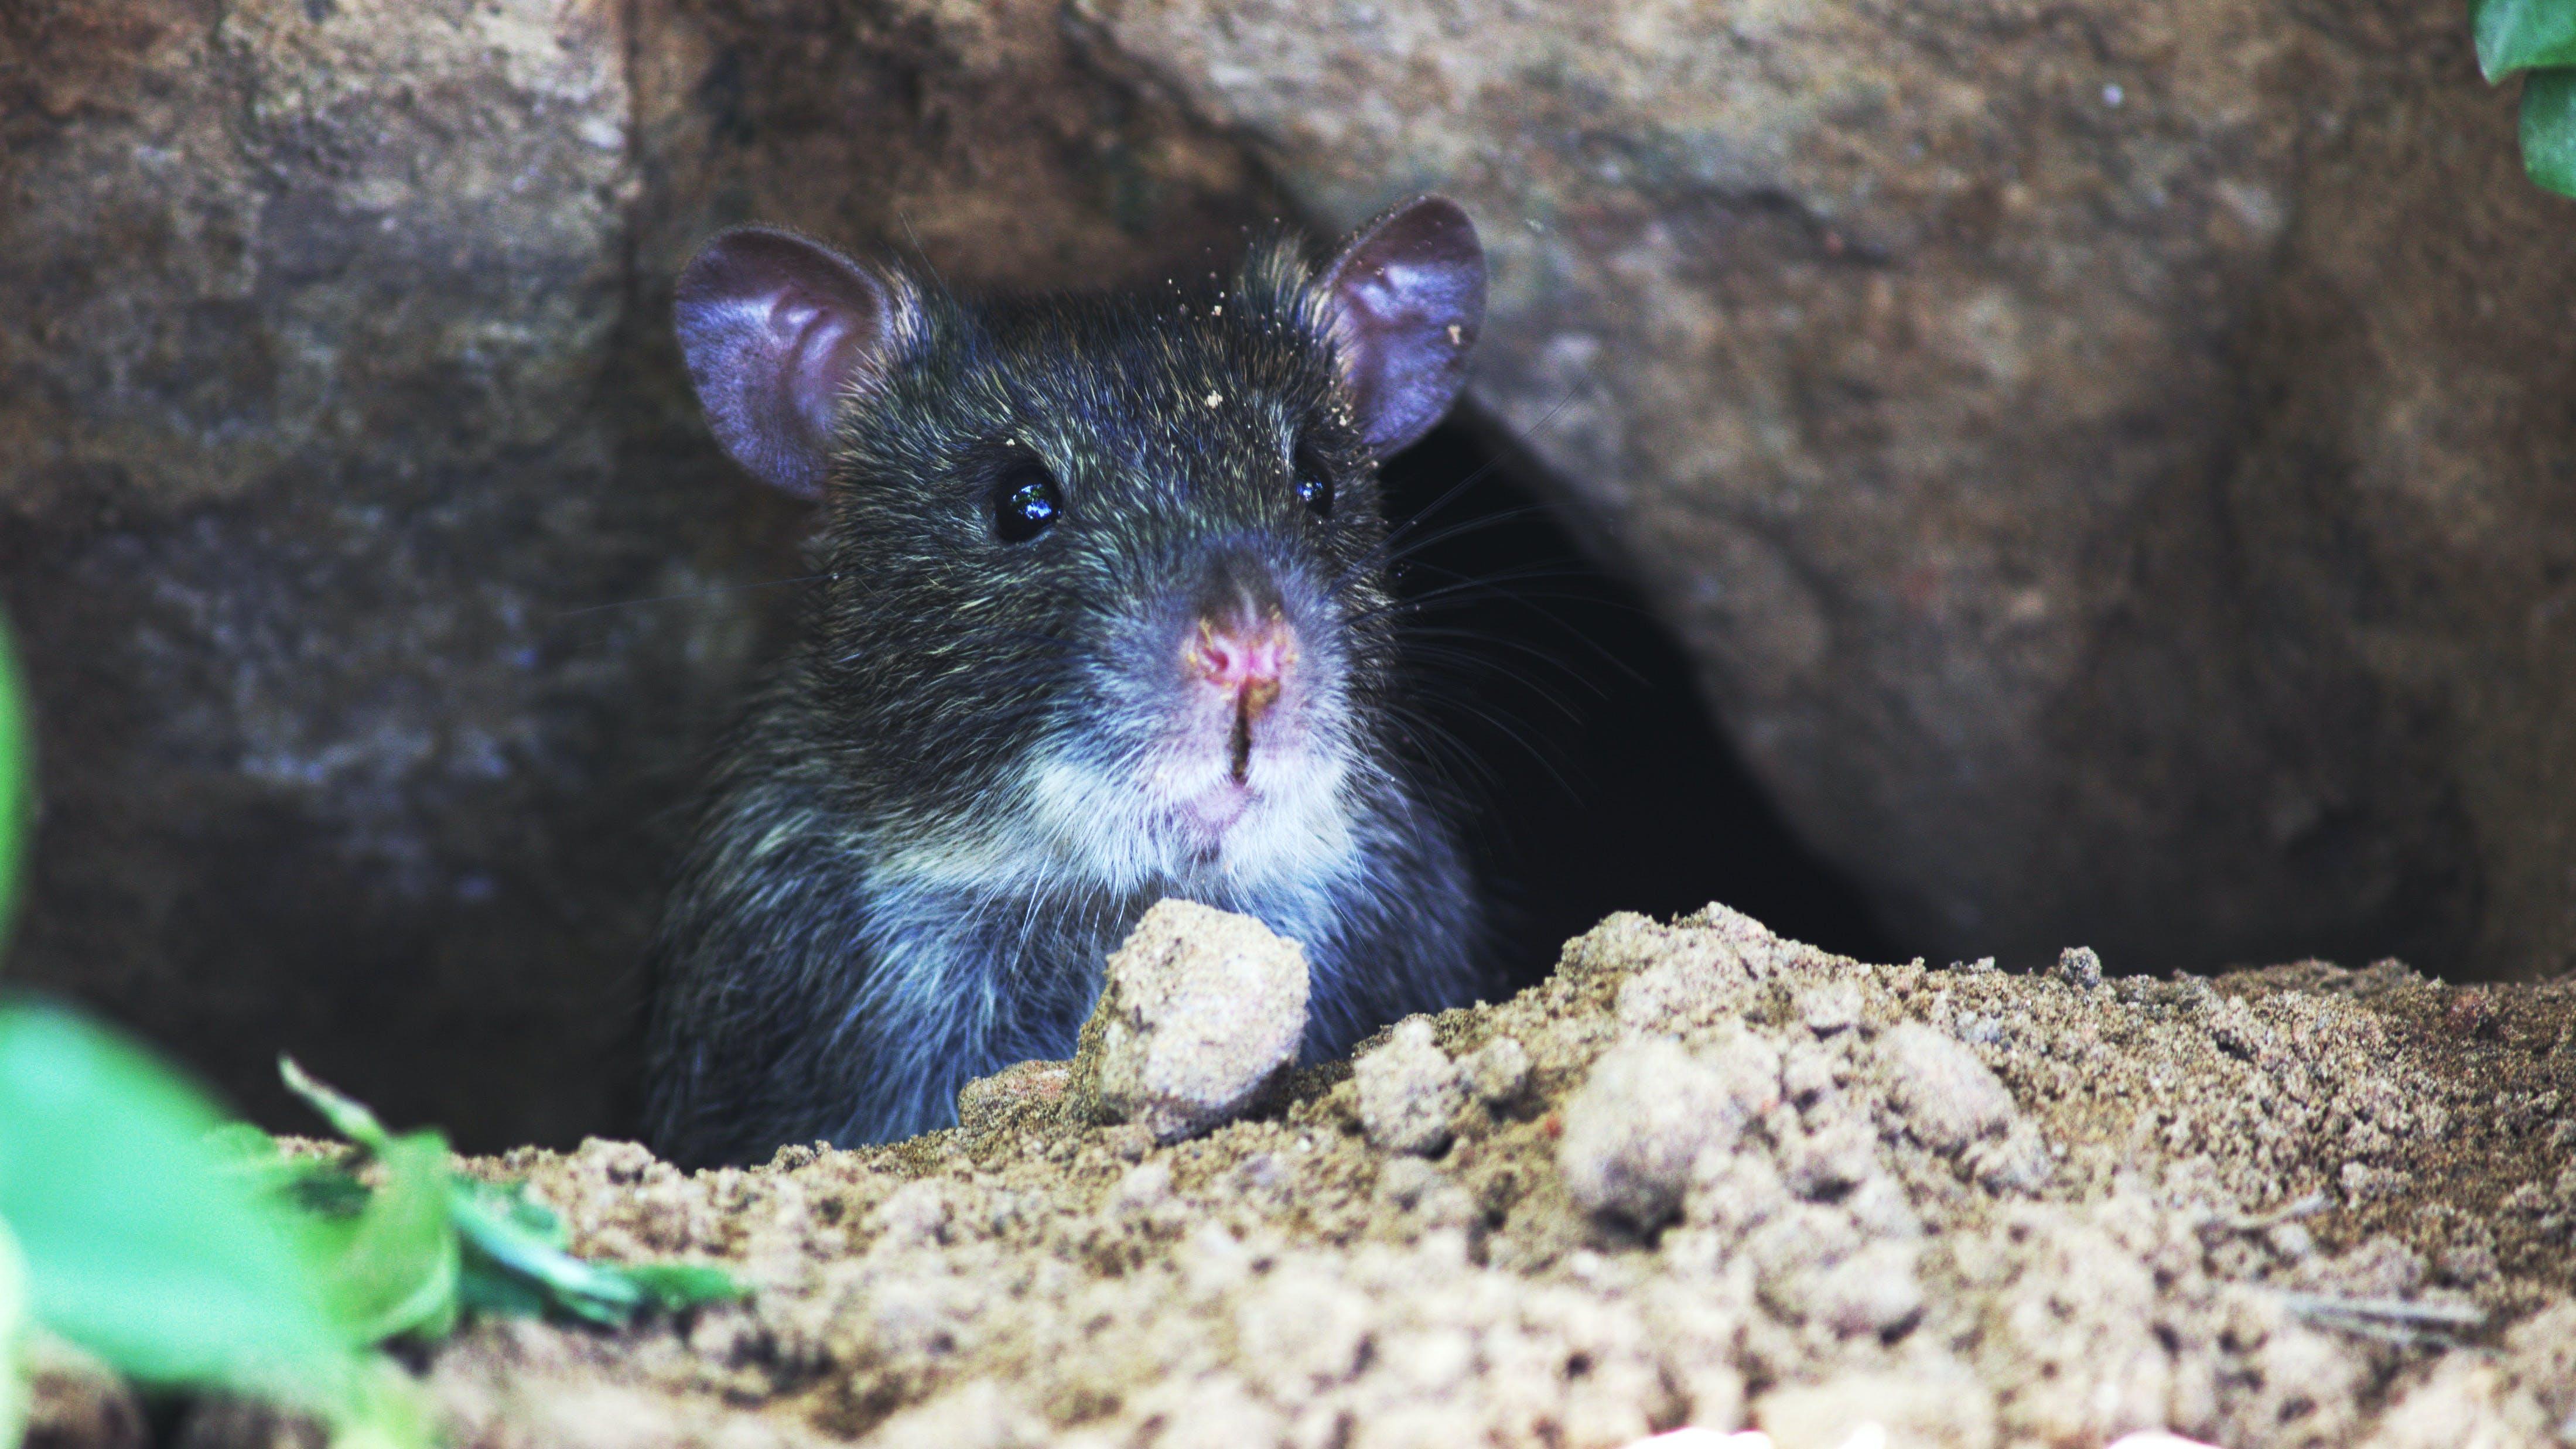 Gratis lagerfoto af dyr, dyrefotografering, gnaver, mus